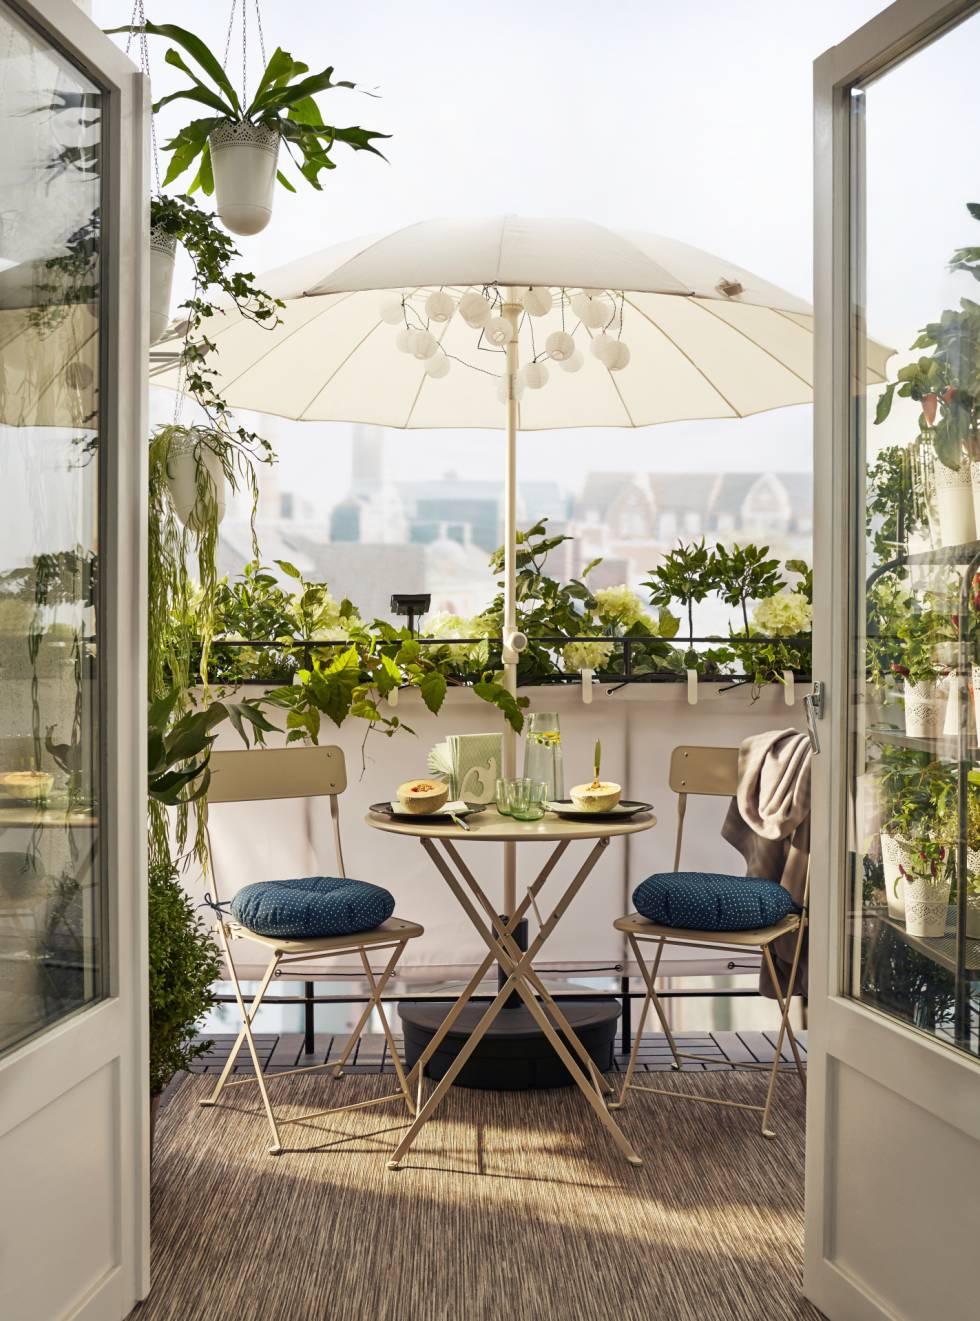 No hay terraza peque a hay poca imaginaci n icon el pa s for Decoracion rustica contemporanea